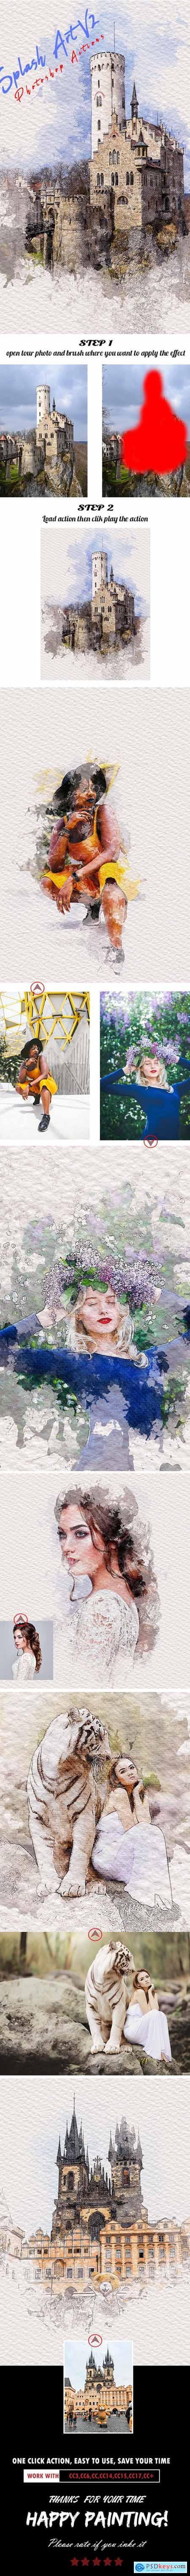 Splash Art V2 Photoshop Actions 25031701